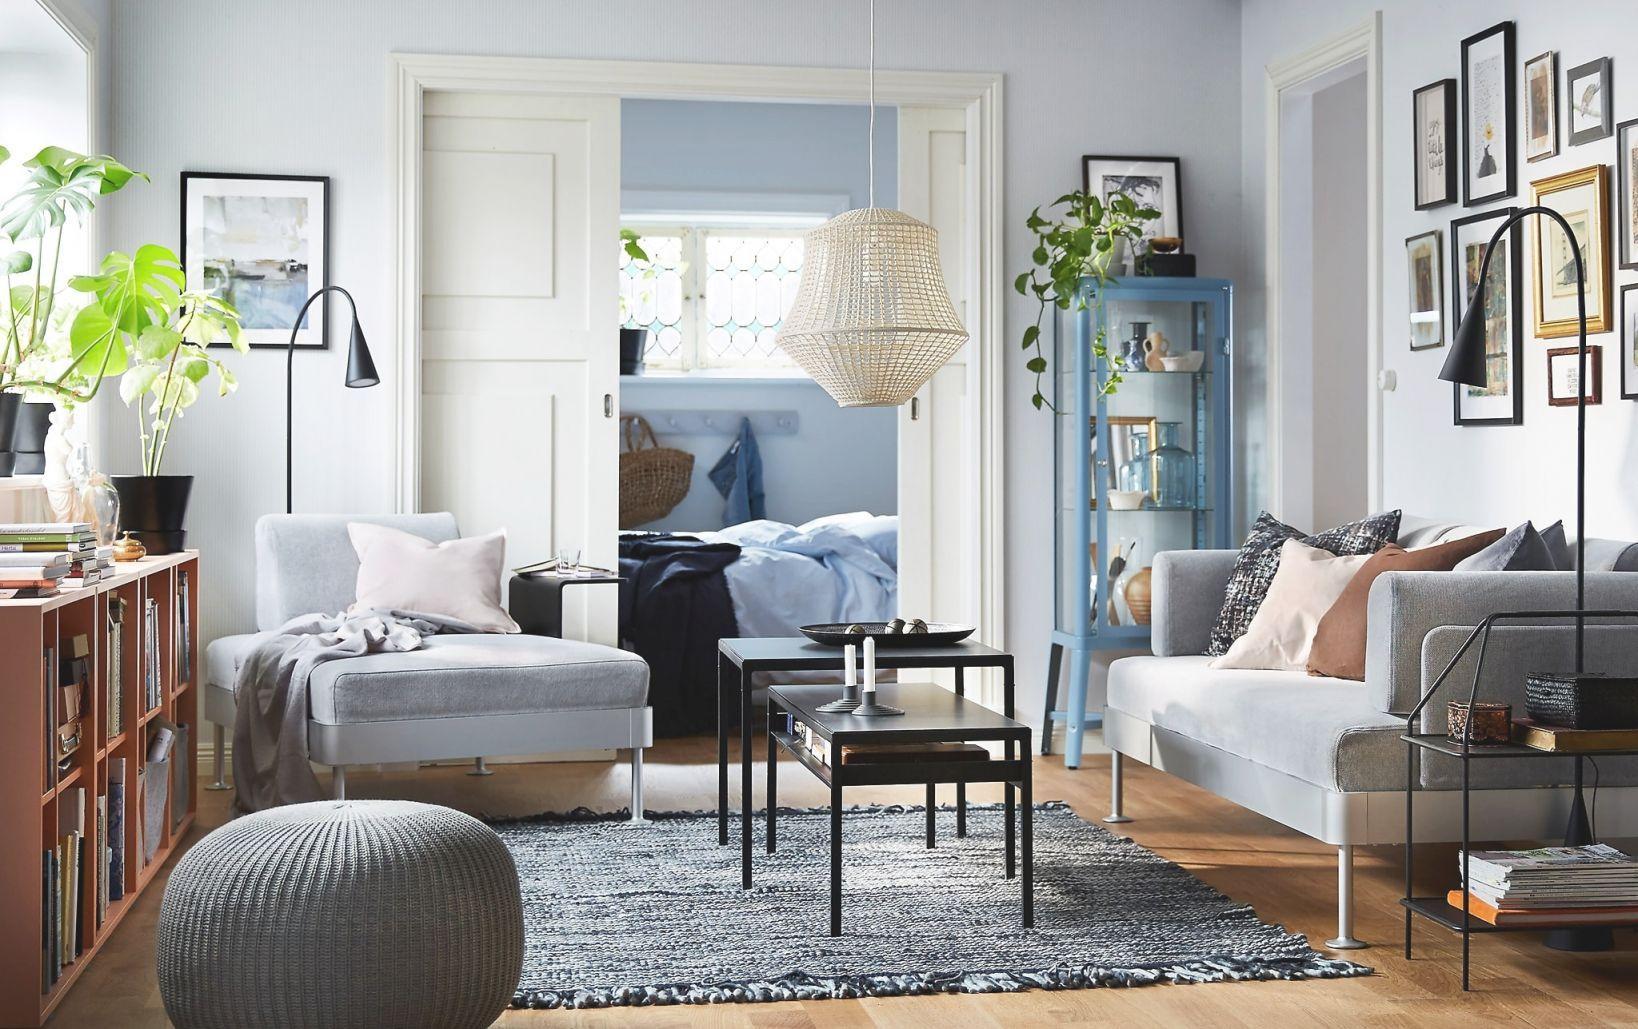 Awesome Living Room Furniture Sets Ikea, Ikea Living Room Sets